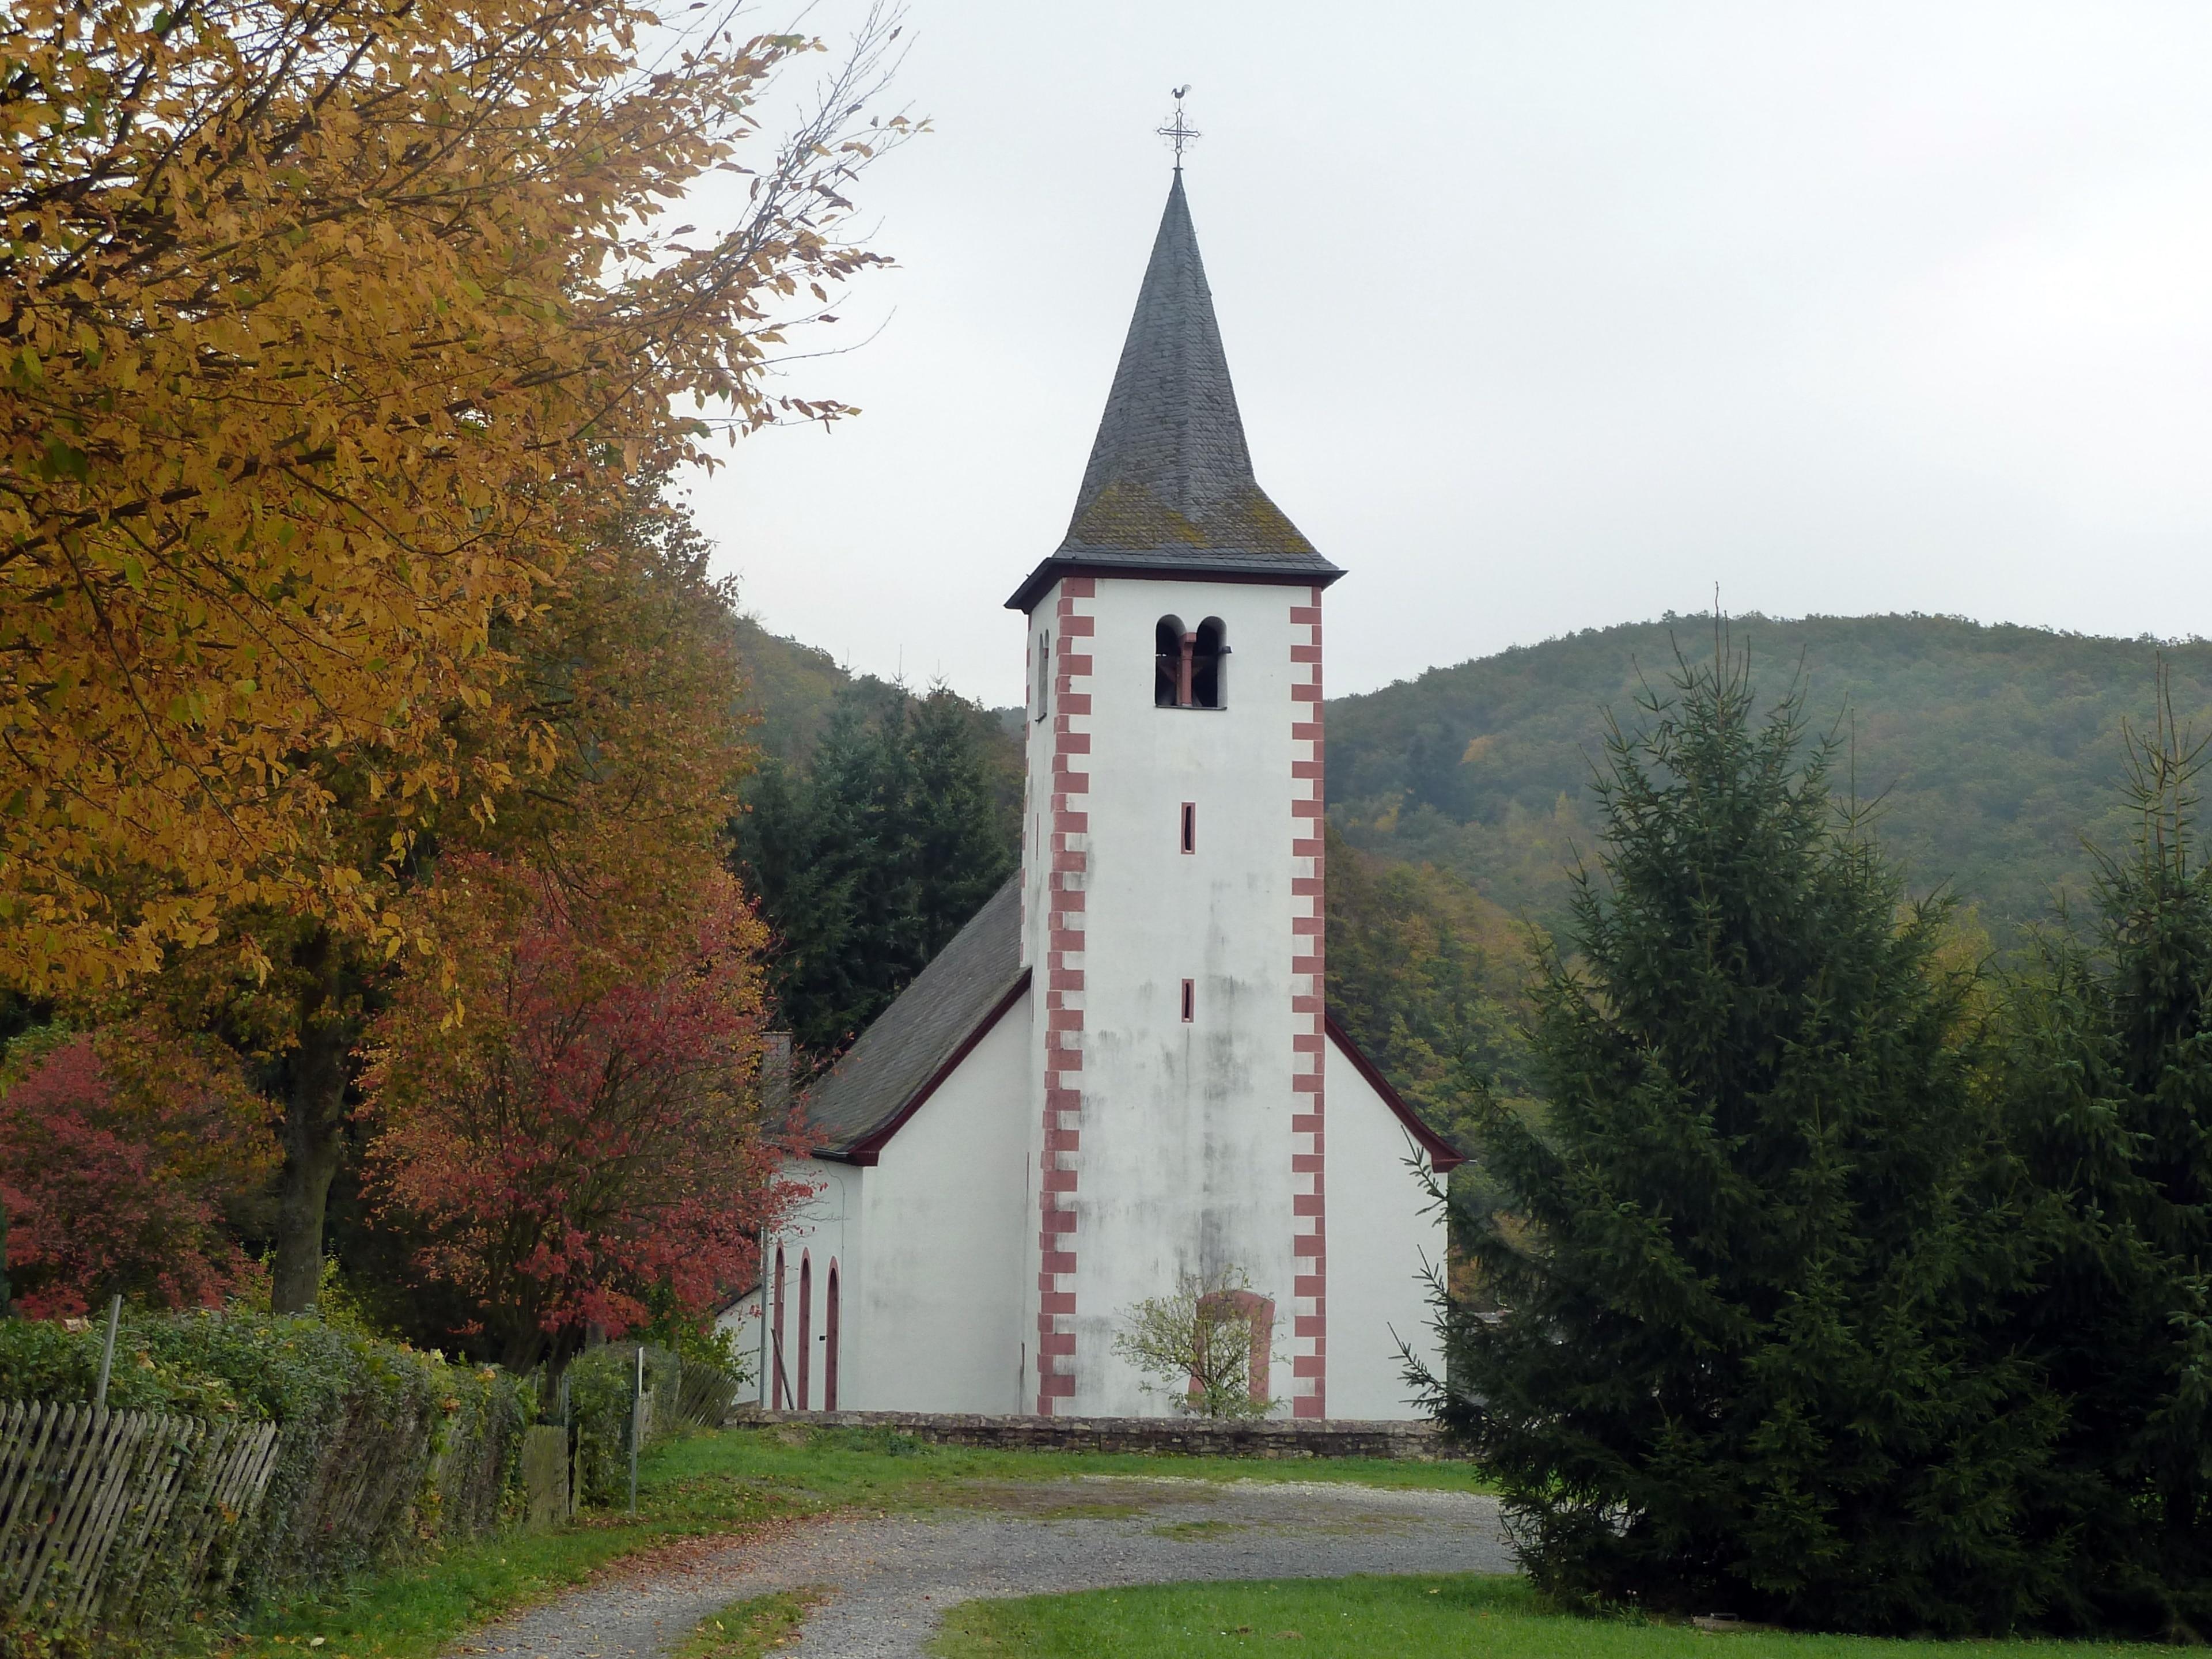 Kellenbach, Rhineland-Palatinate, Germany